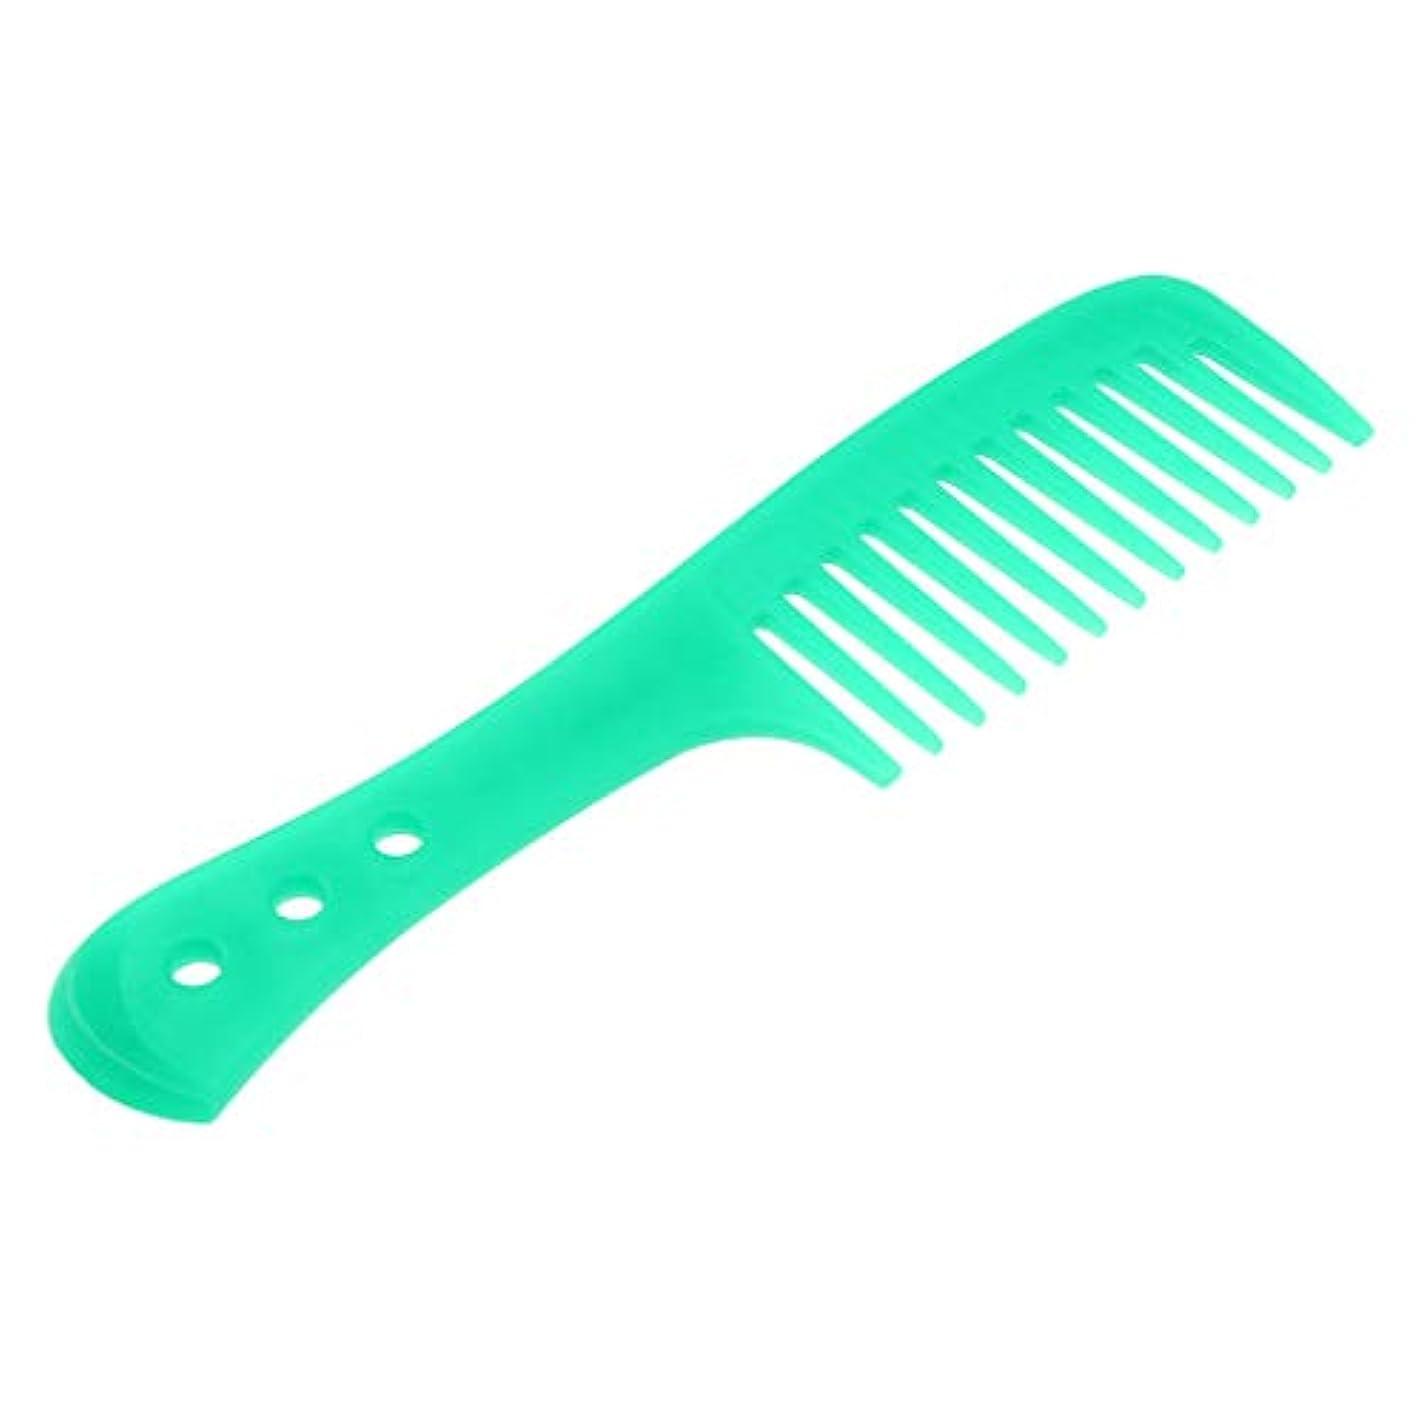 例示する中に再びInjoyo 携帯用理髪の広い歯の櫛の巻き毛のDetanglerの頭皮のマッサージャーのブラシ - 緑